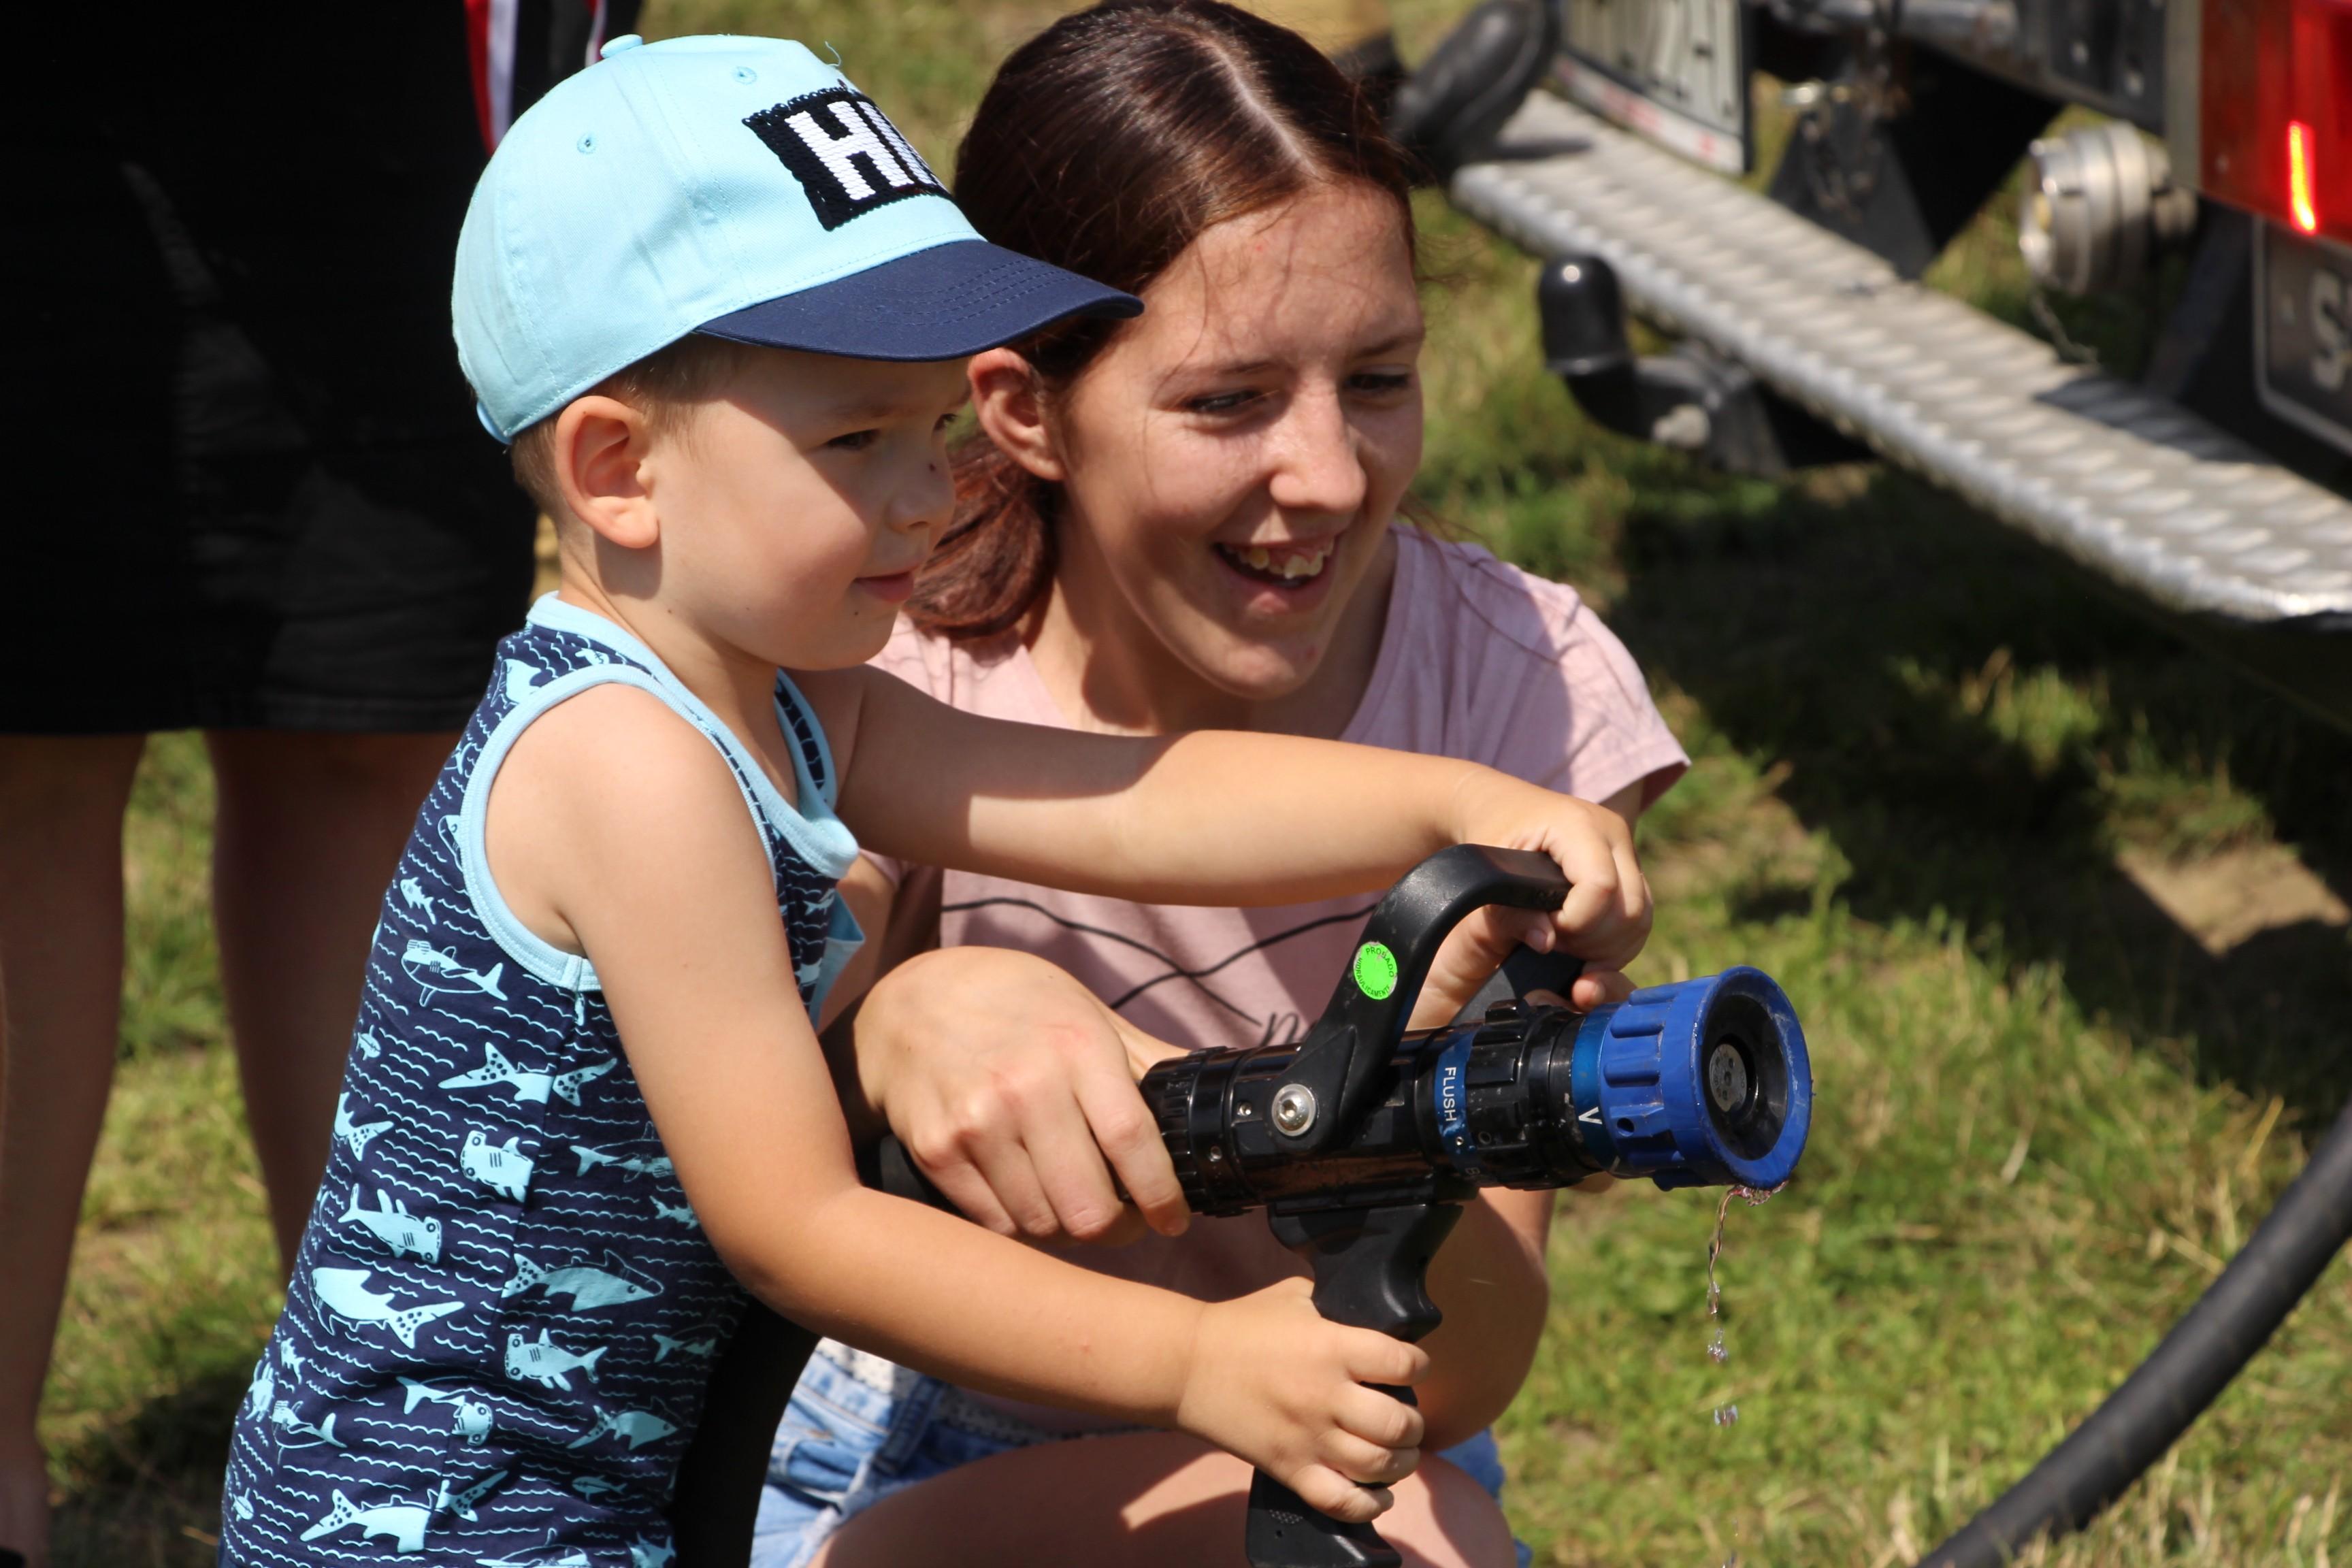 Wędkarski Klub Sportowy - Nowy Świat zorganizował festyn rodzinny. Atrakcji nie brakowało [ZDJĘCIA] - Zdjęcie główne